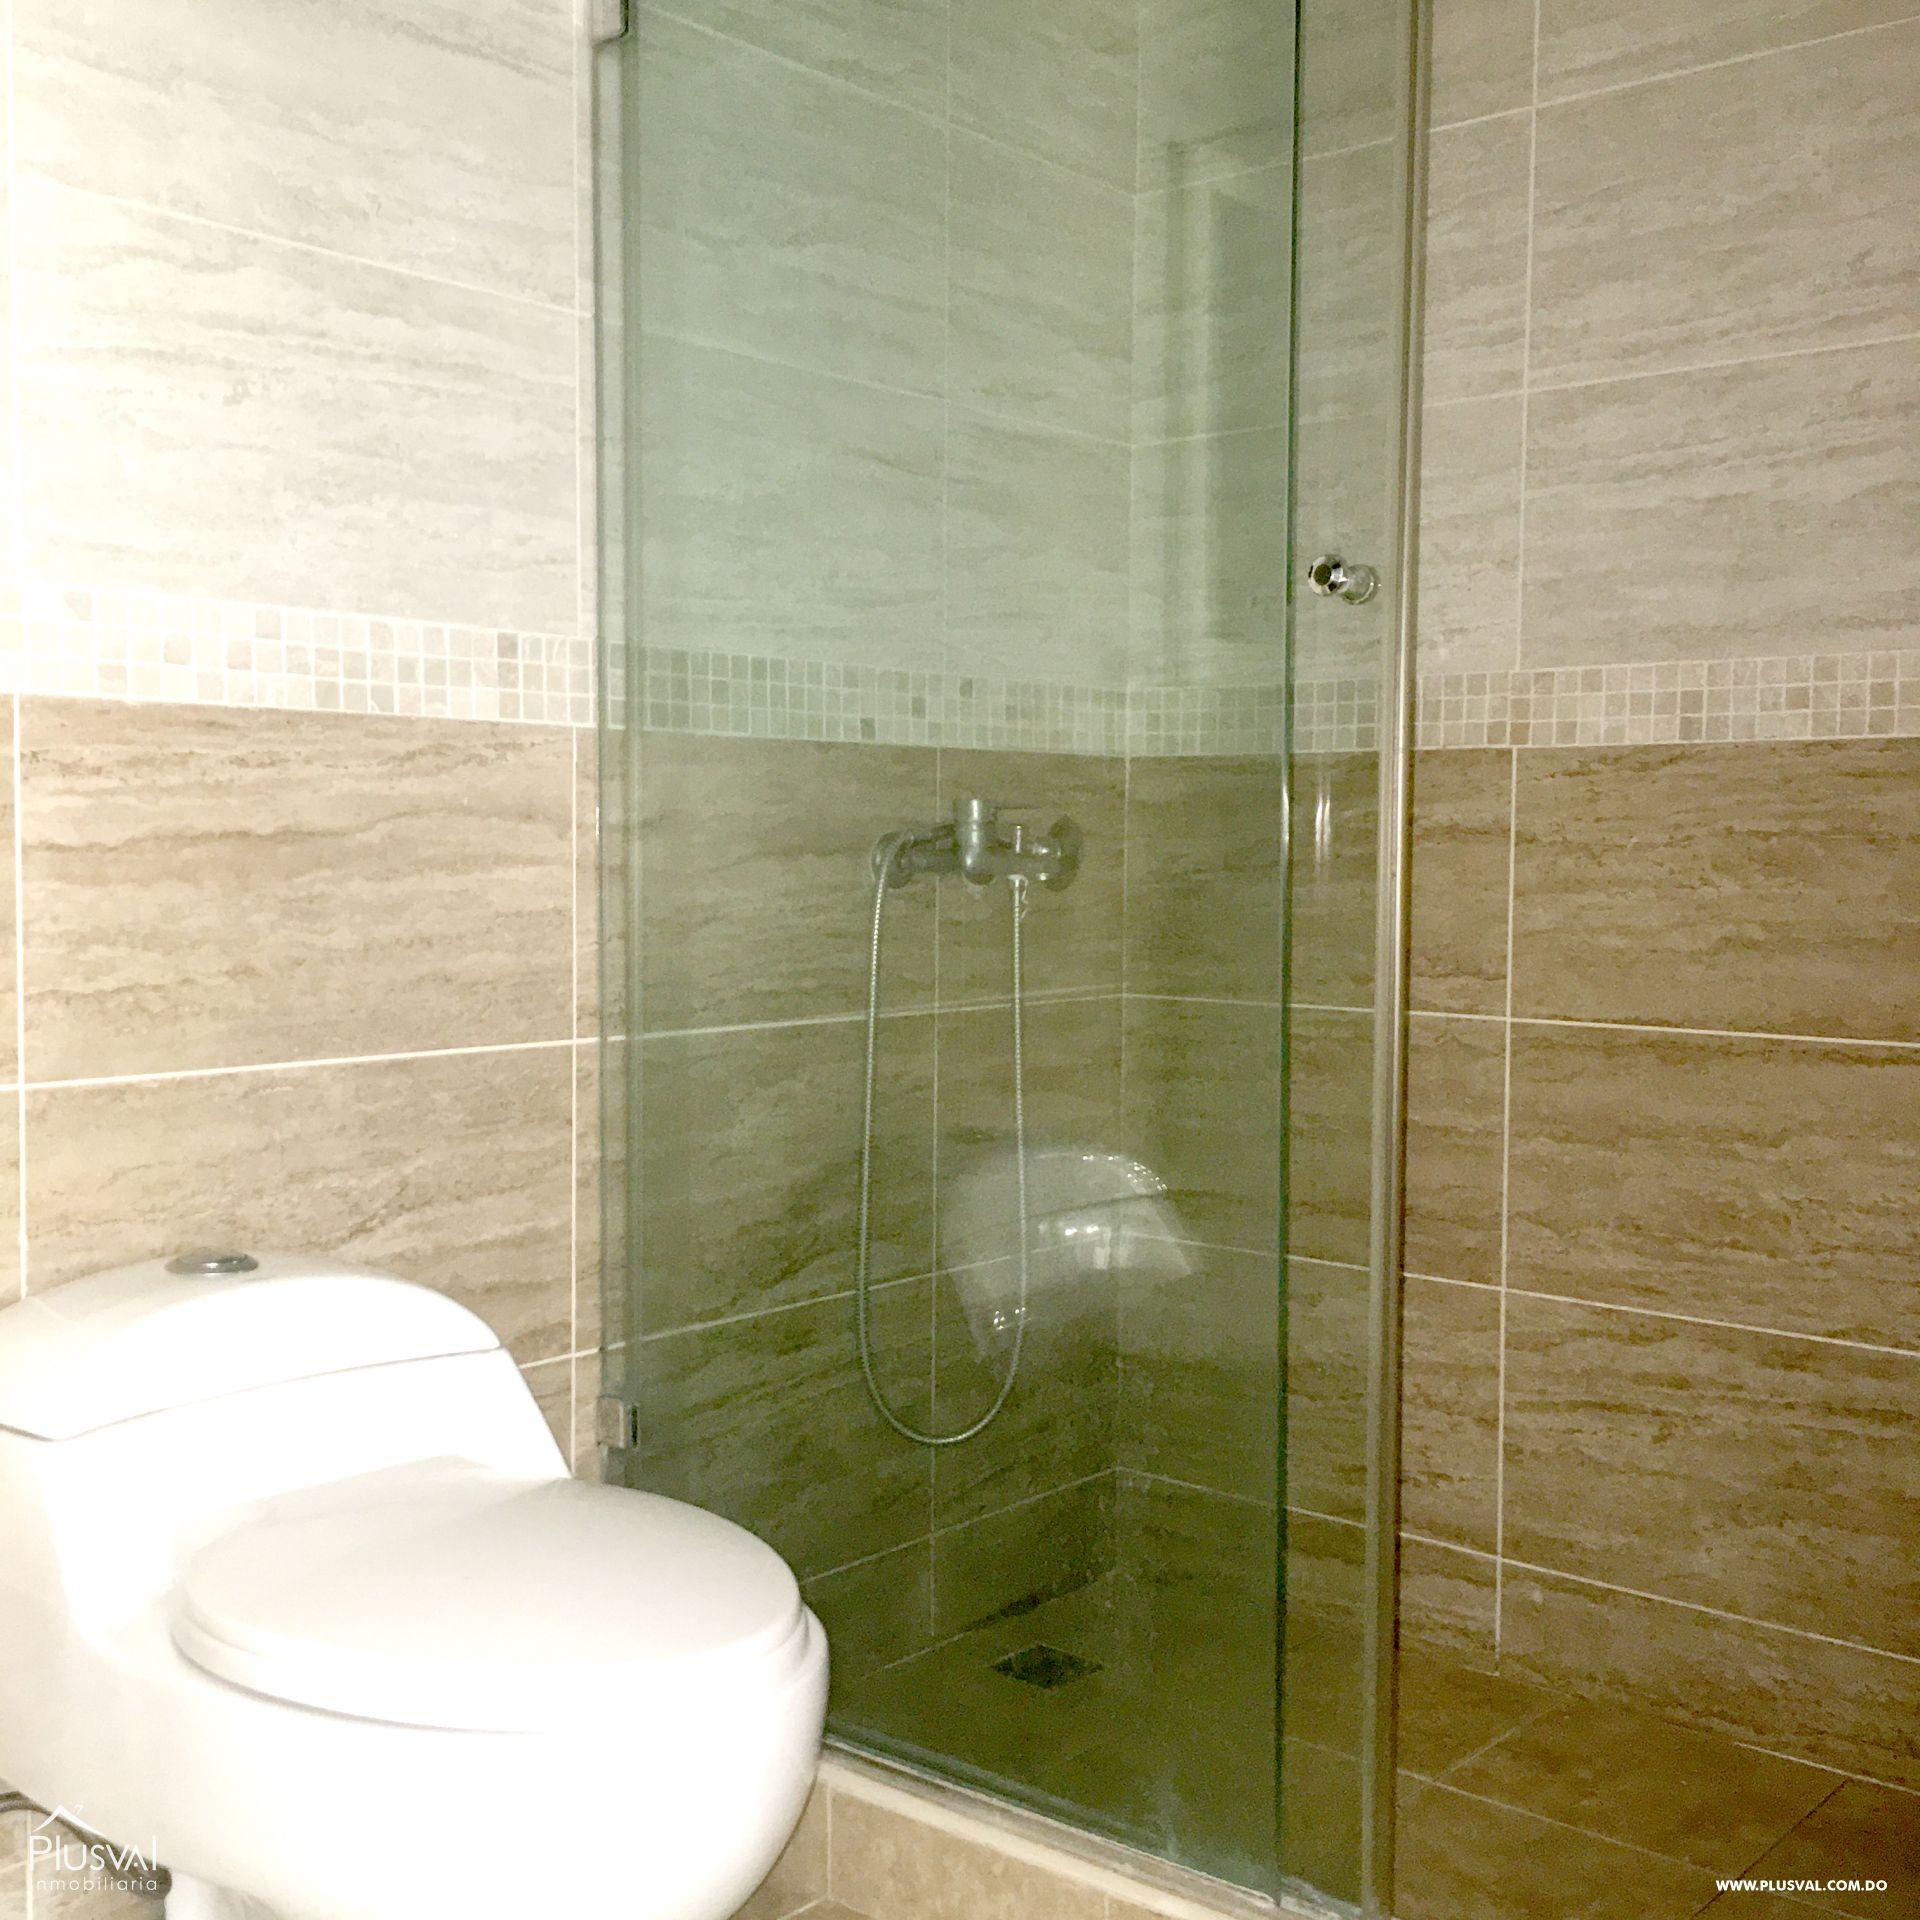 Proyecto residencial en venta, Mirador Norte. 169562